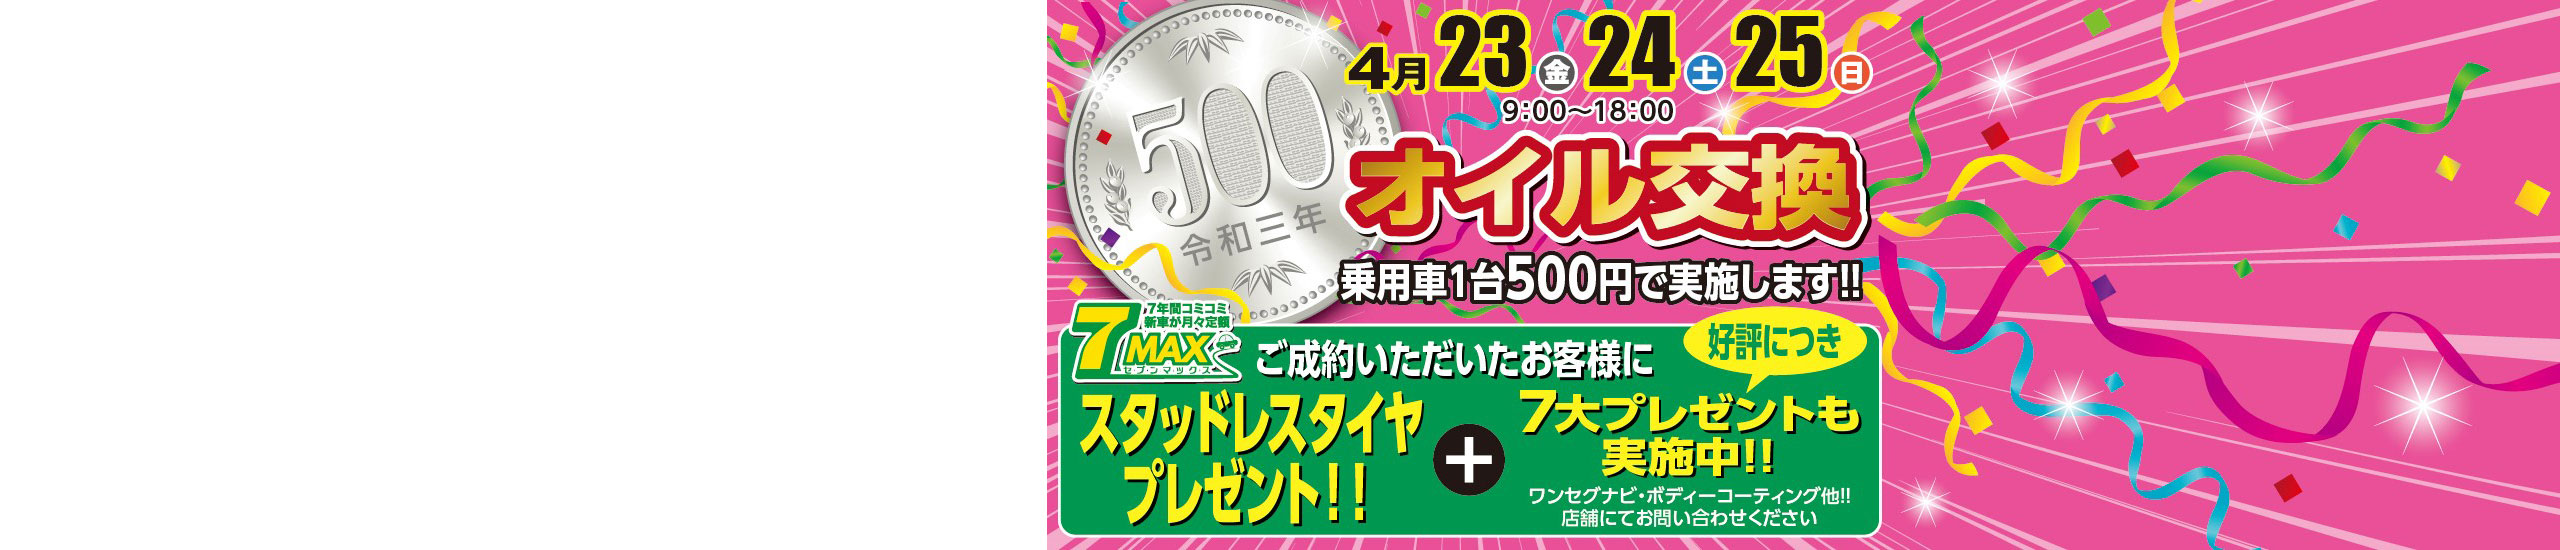 期間限定、オイル交換500円